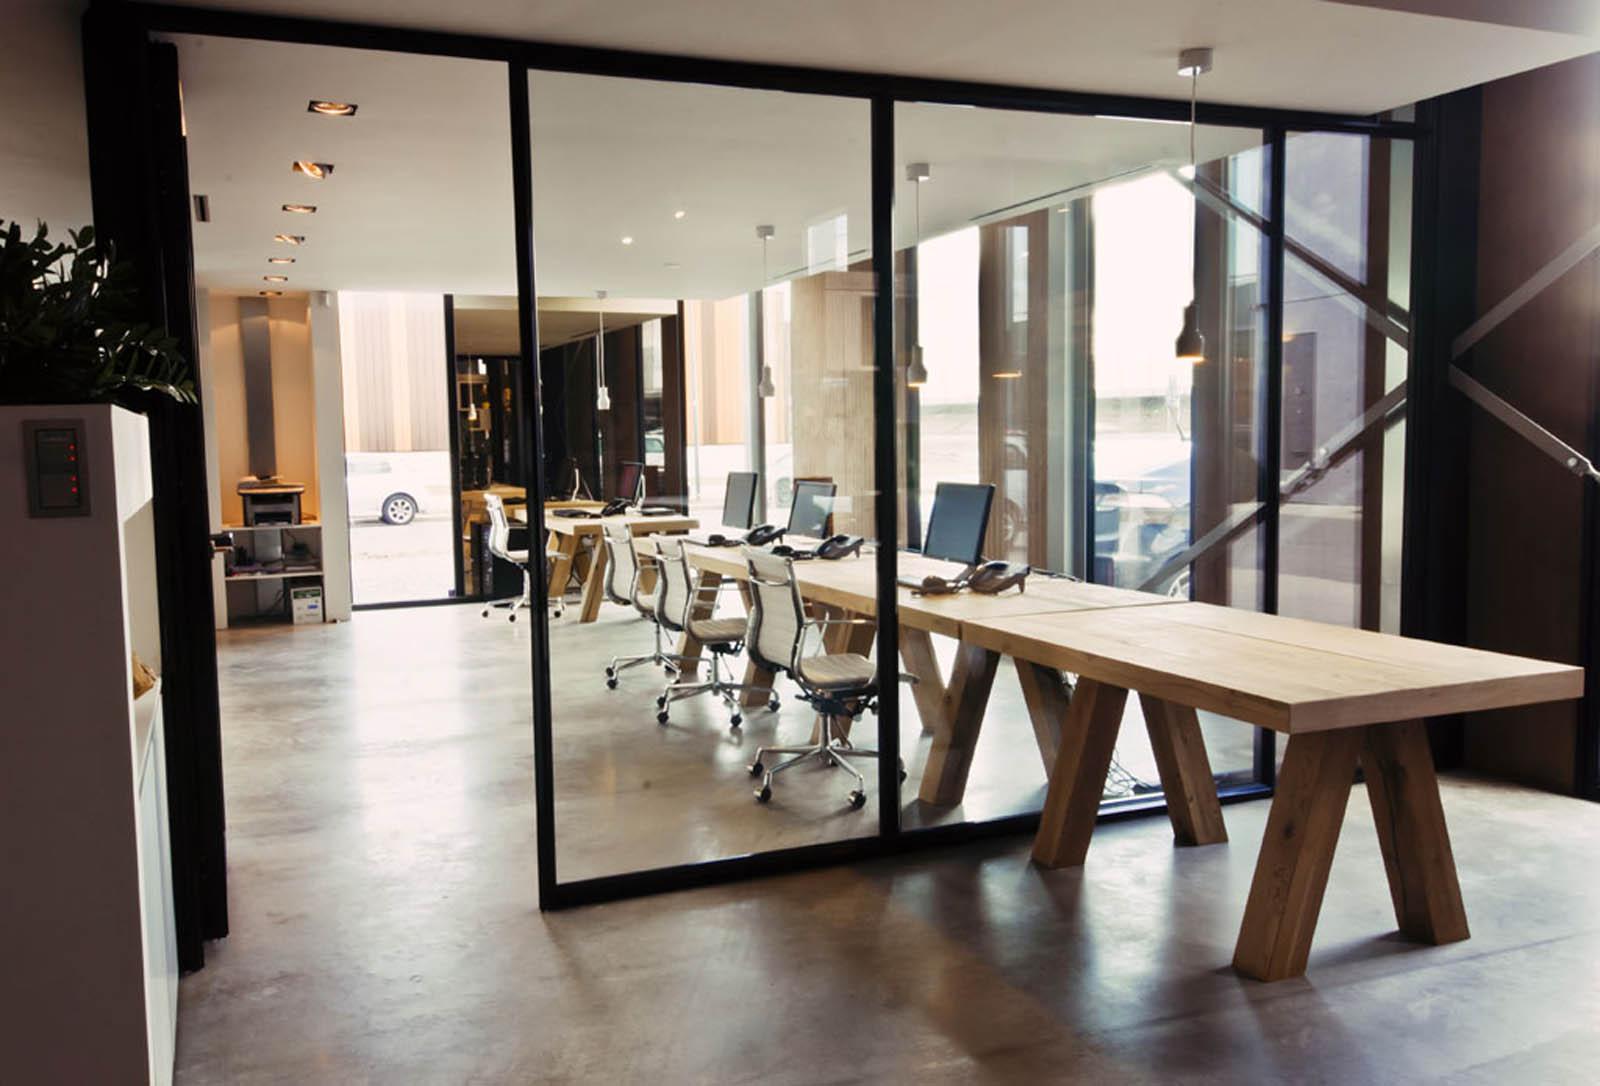 Office, De Klimaatbeheerser, by Jeroen de Nijs